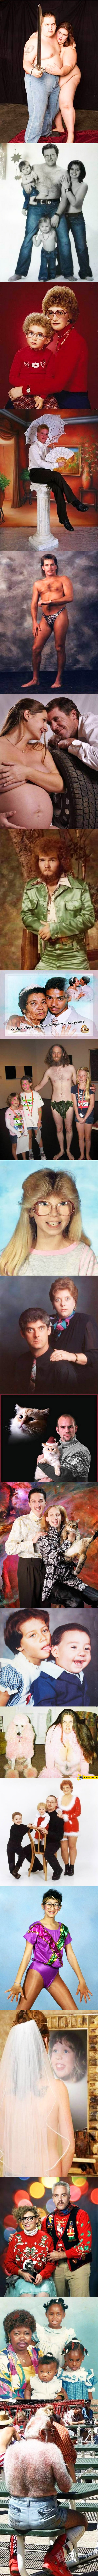 Weirdest family photos